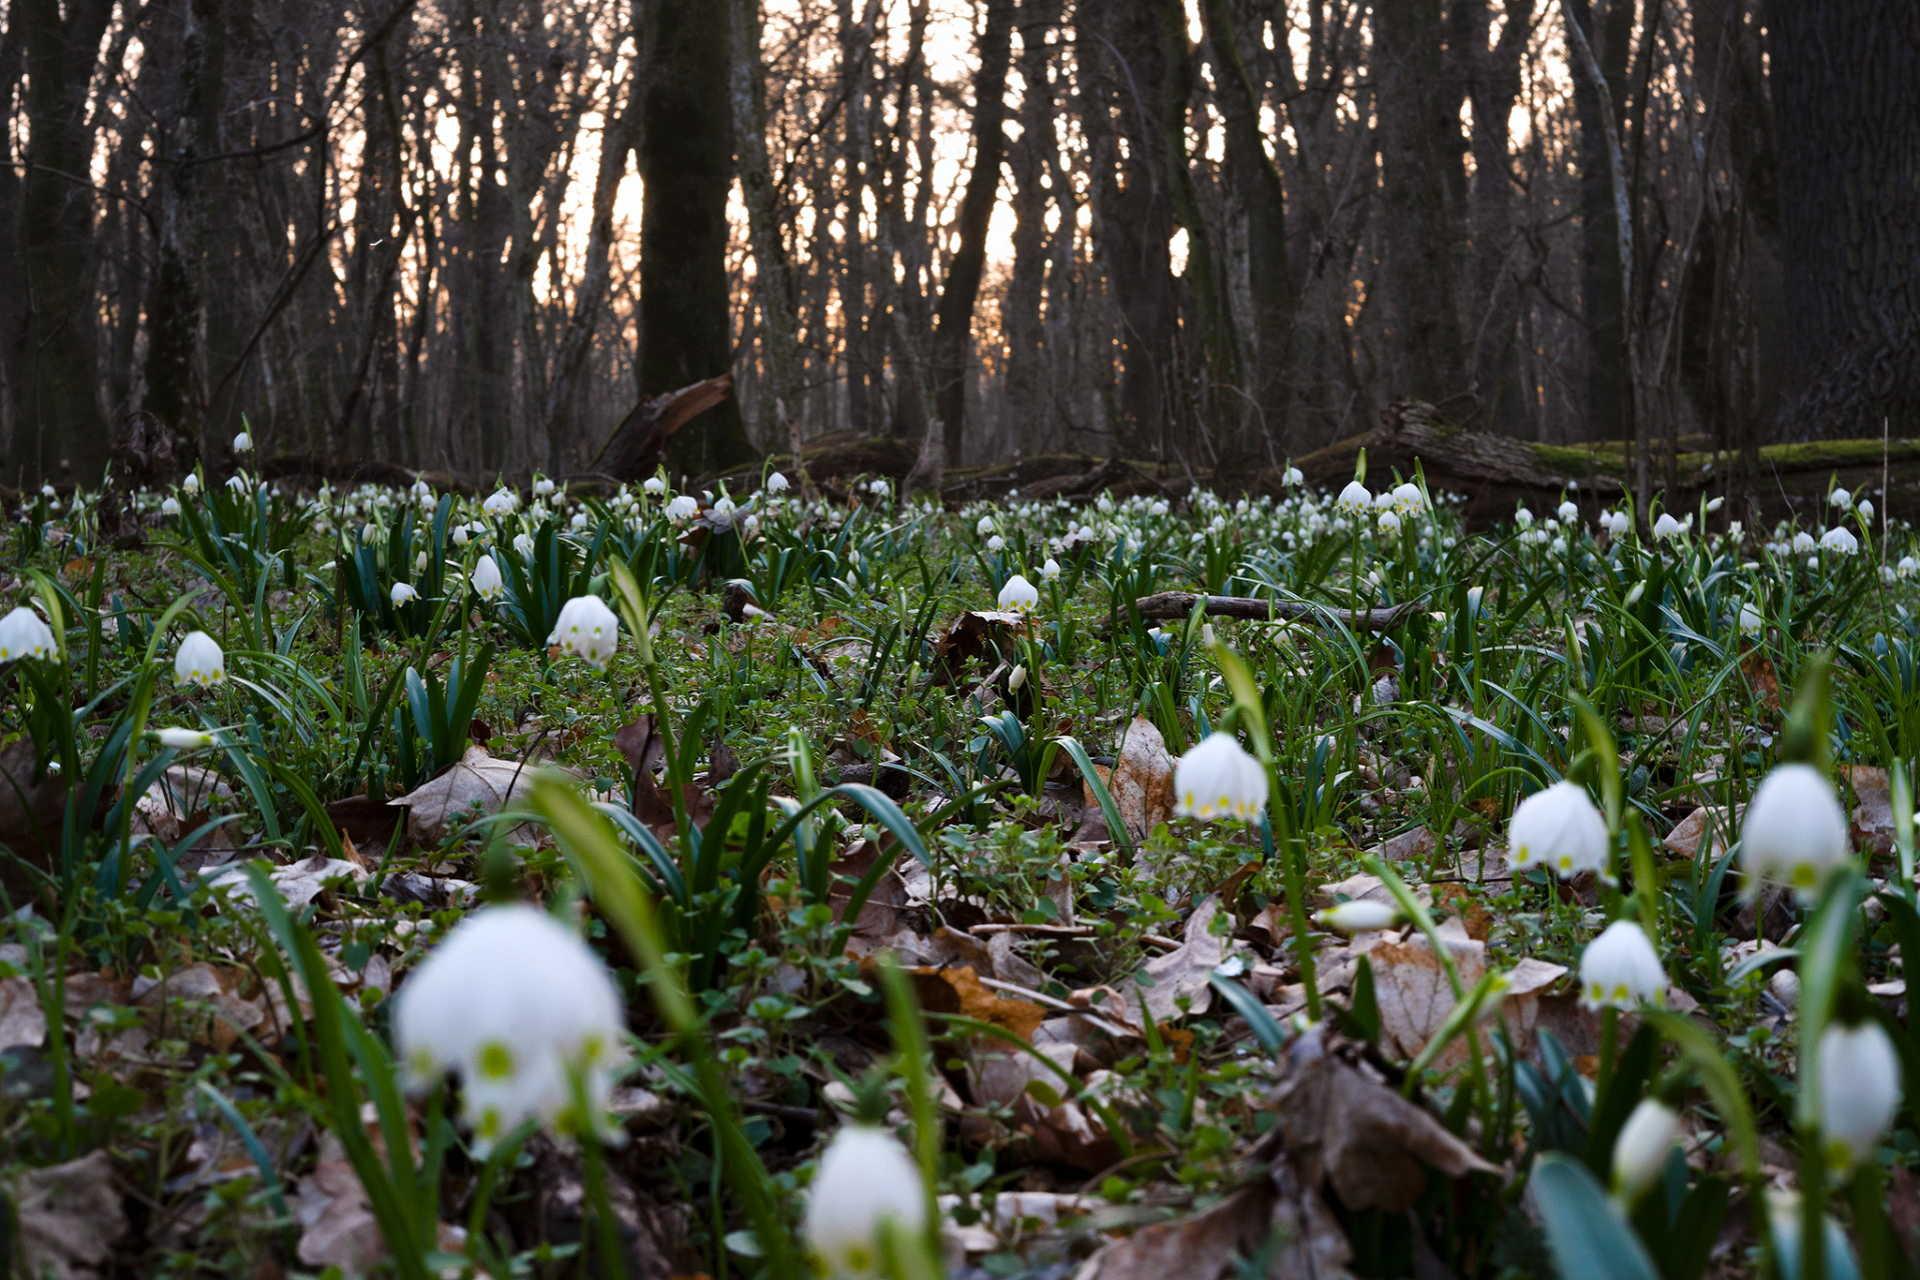 Gyönyörű a csáfordi erdő ilyenkor, vigyázzunk rá!